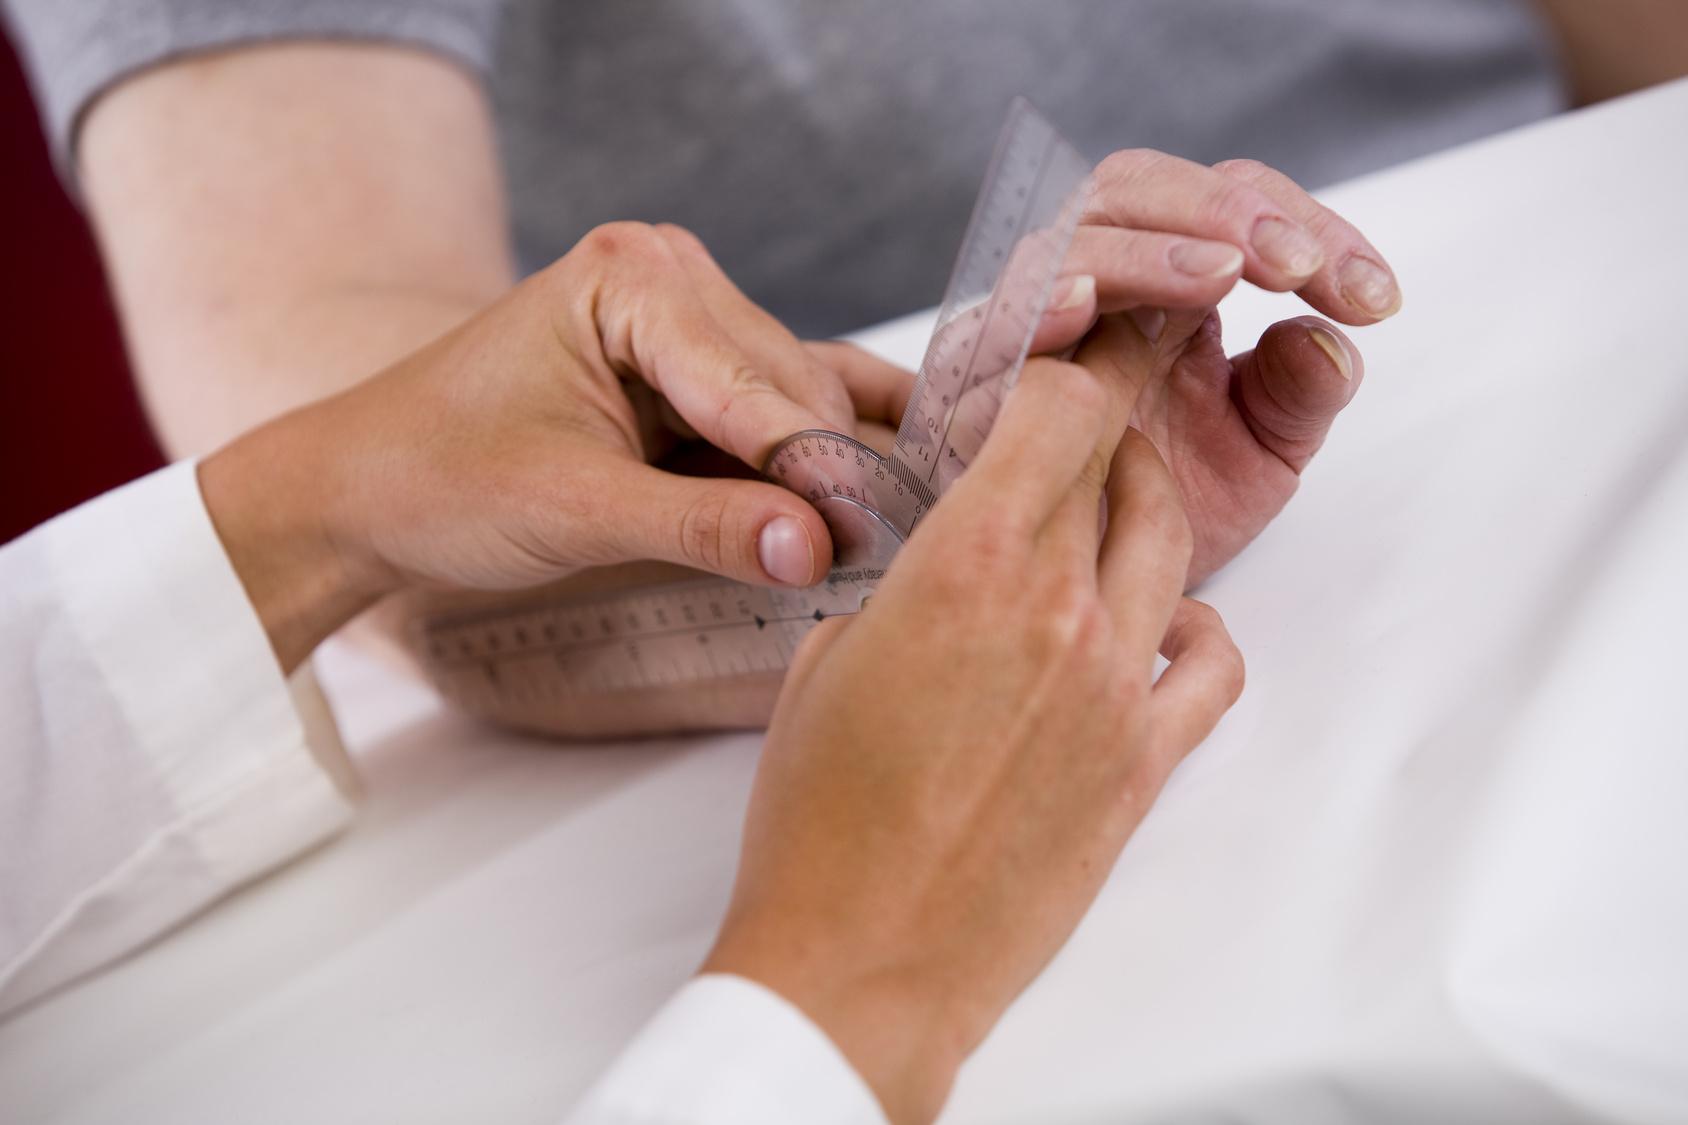 диагностика артрита, осмотр ревматолога